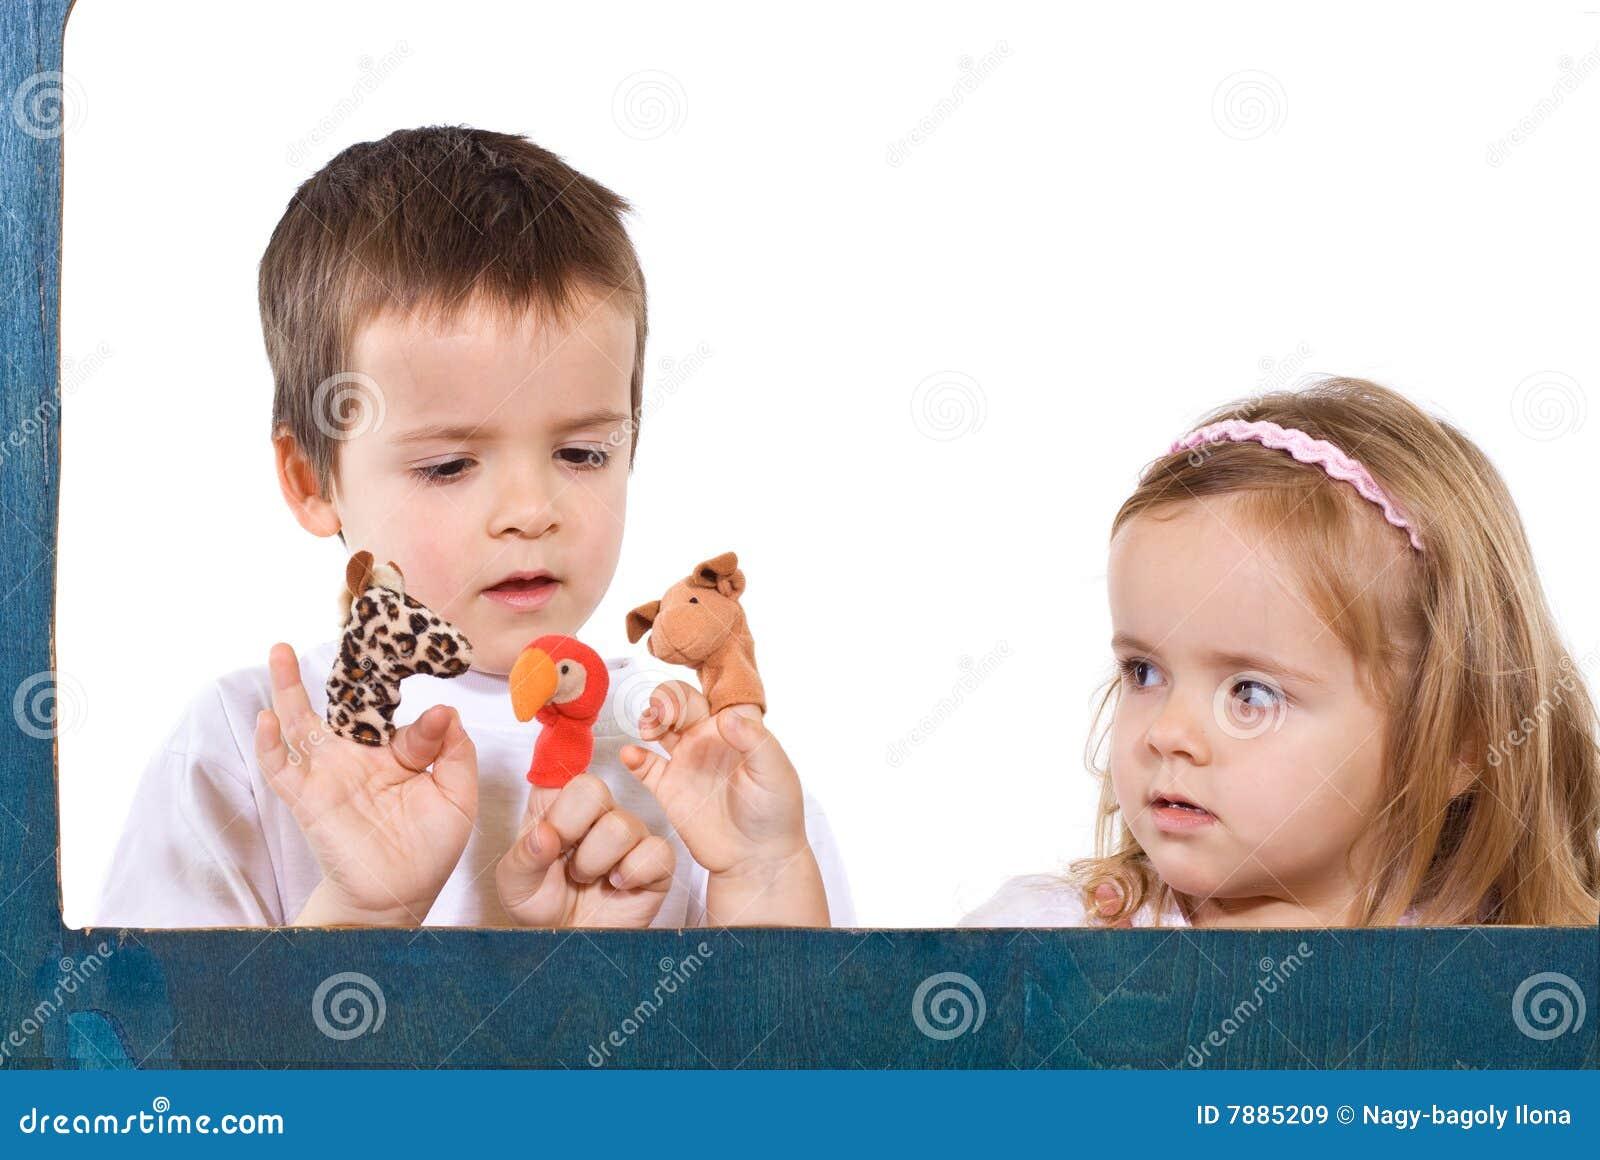 Dzieci bawić się kukły